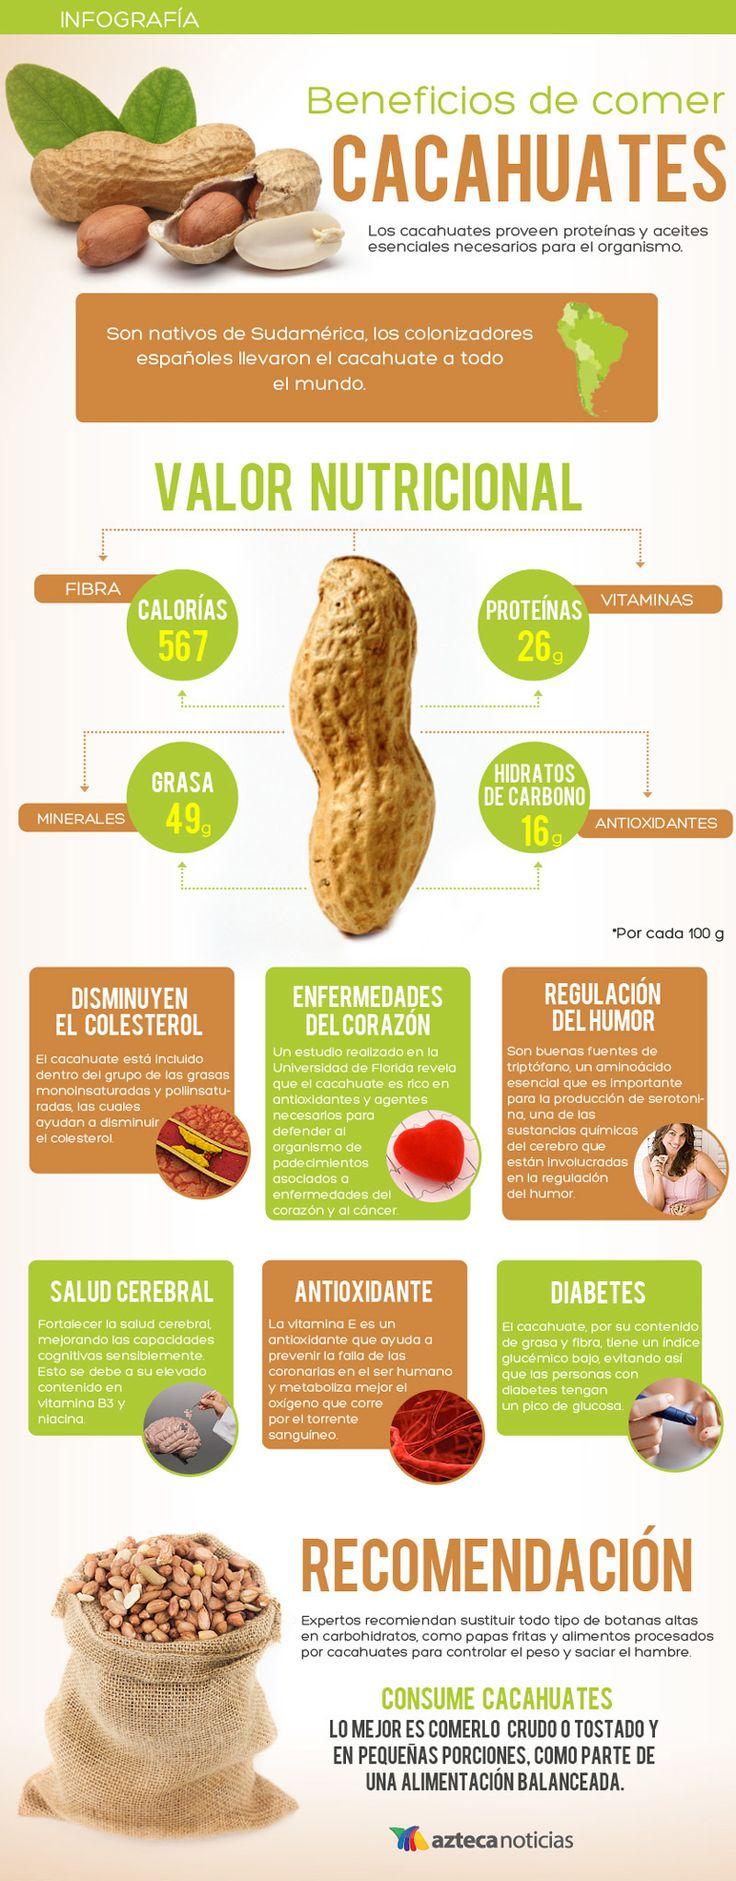 Beneficios de comer cacahuates #infografia